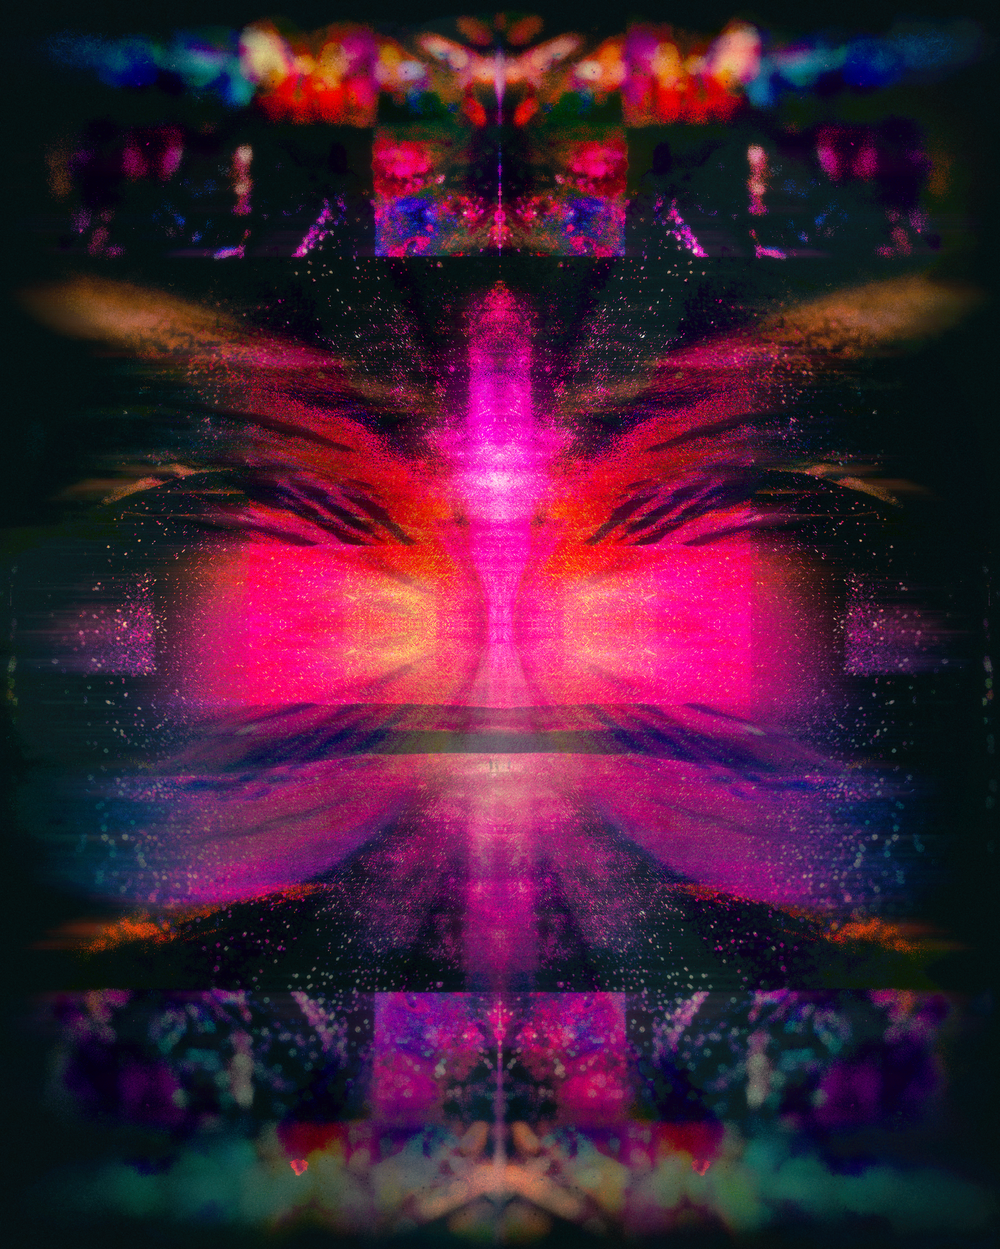 Cataclysm - 03-08-18